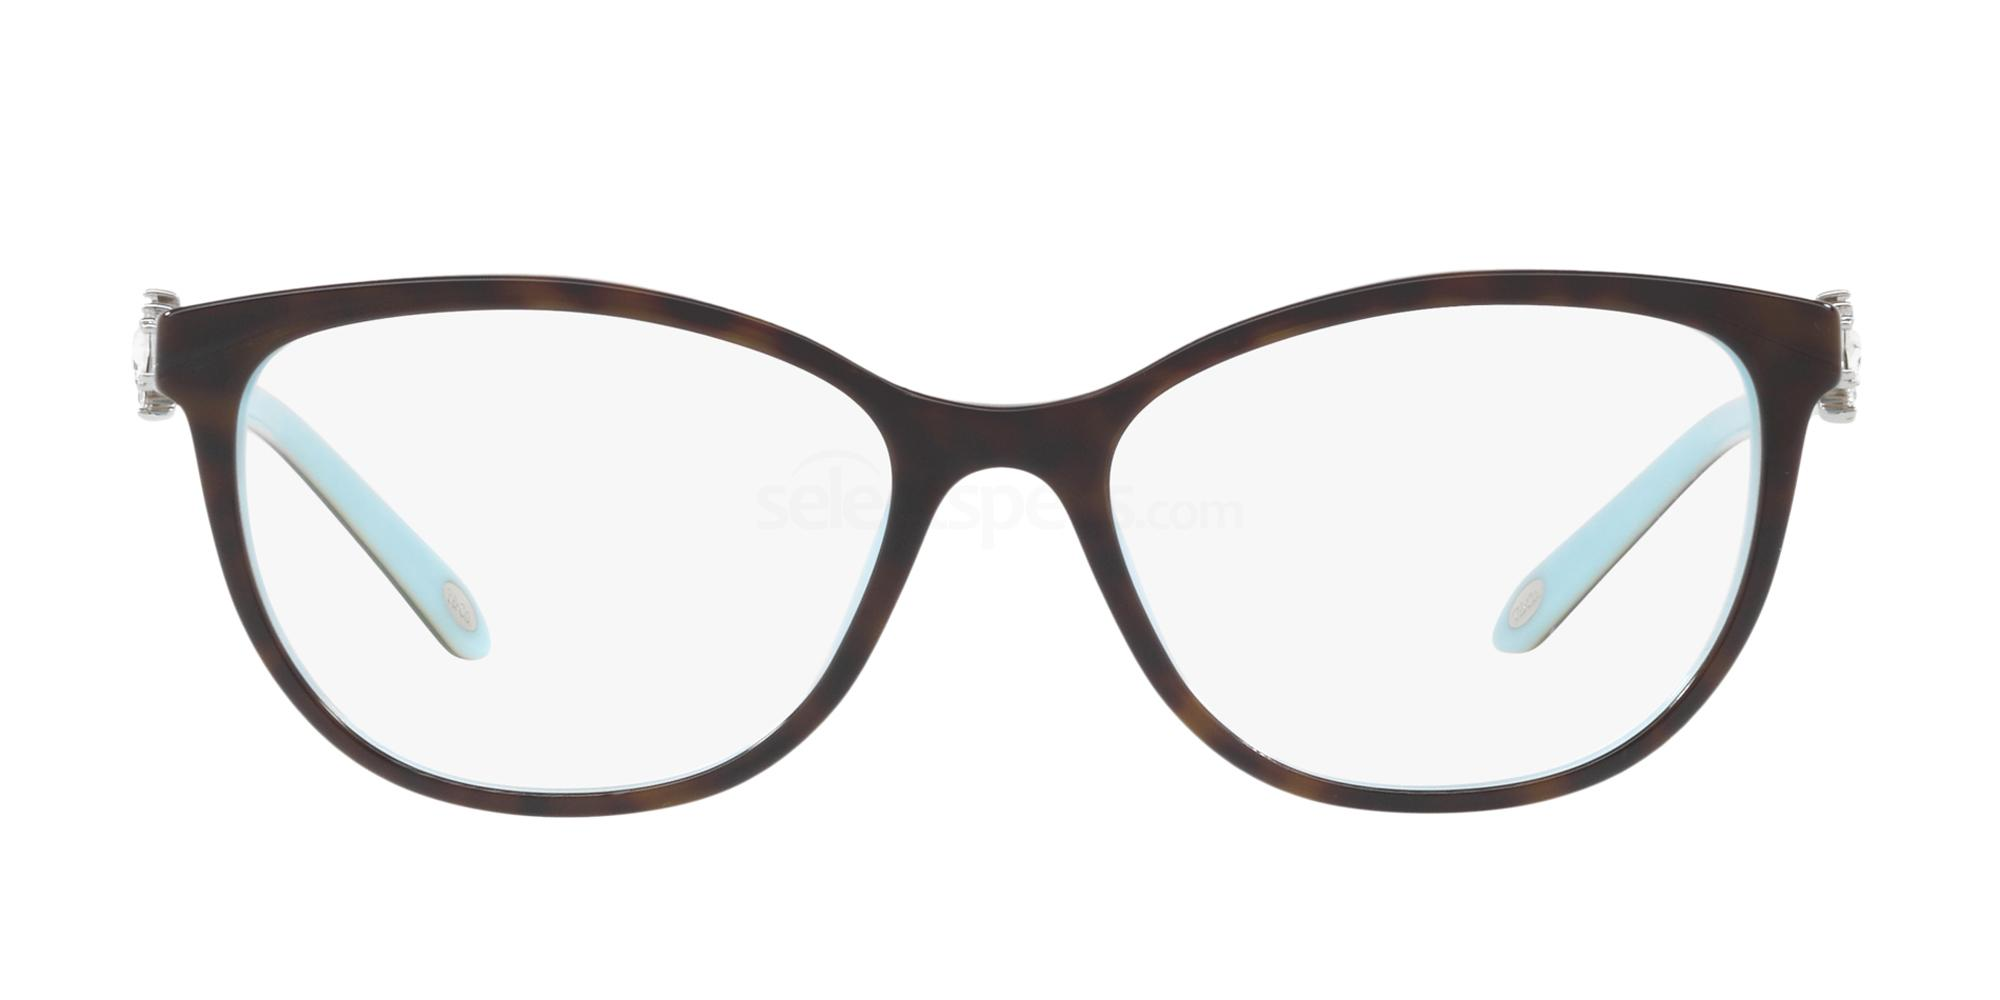 8134 TF2144HB Glasses, Tiffany & Co.